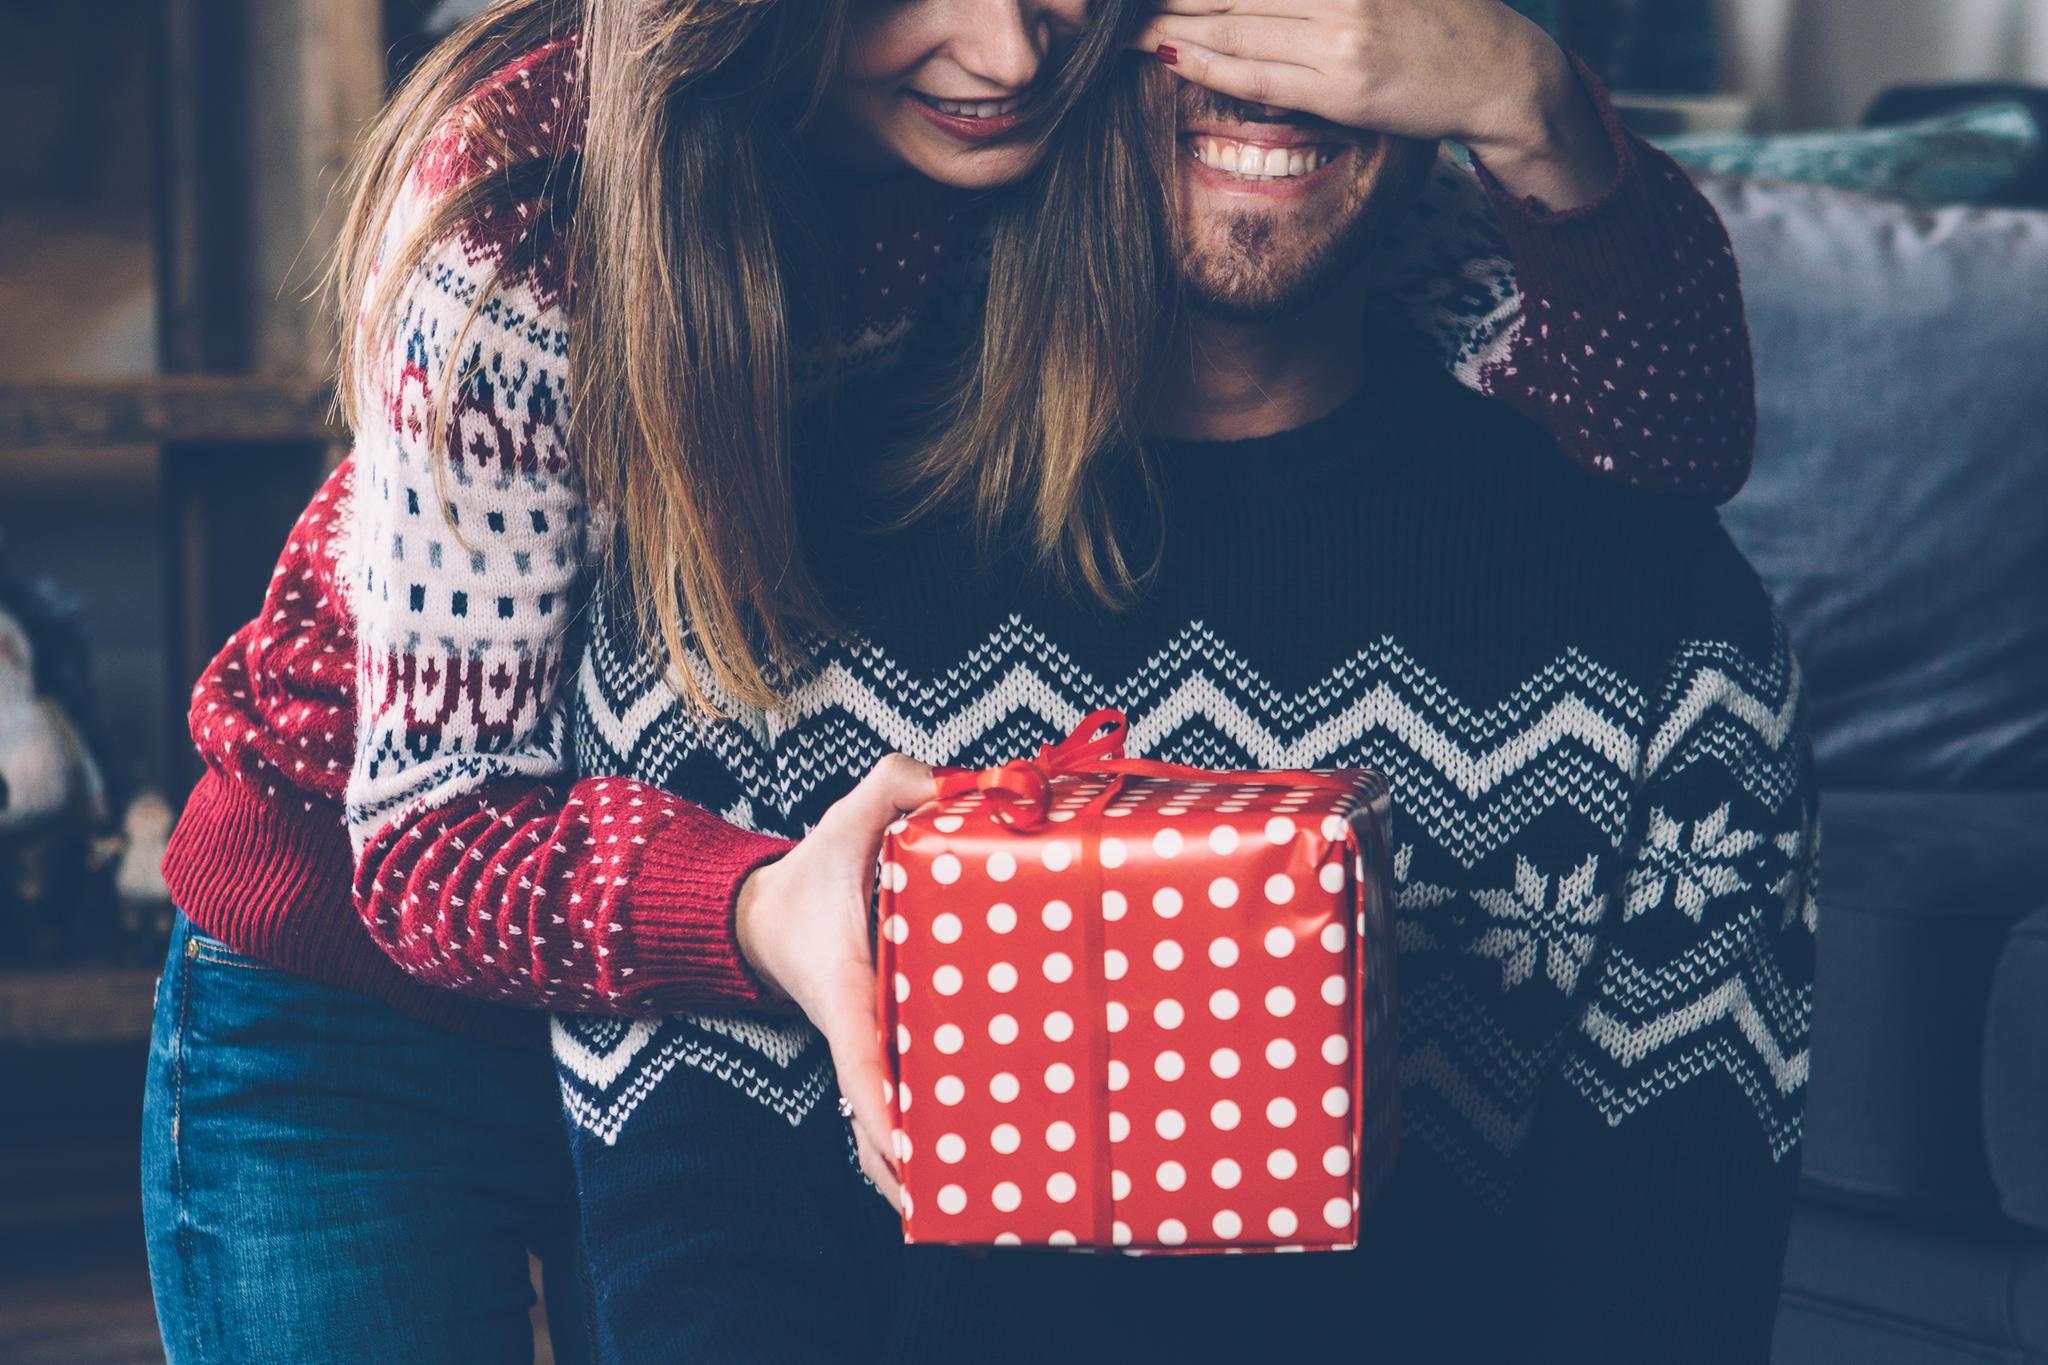 Weihnachtsgeschenke für Männer: Damit liegt ihr richtig | BRIGITTE.de